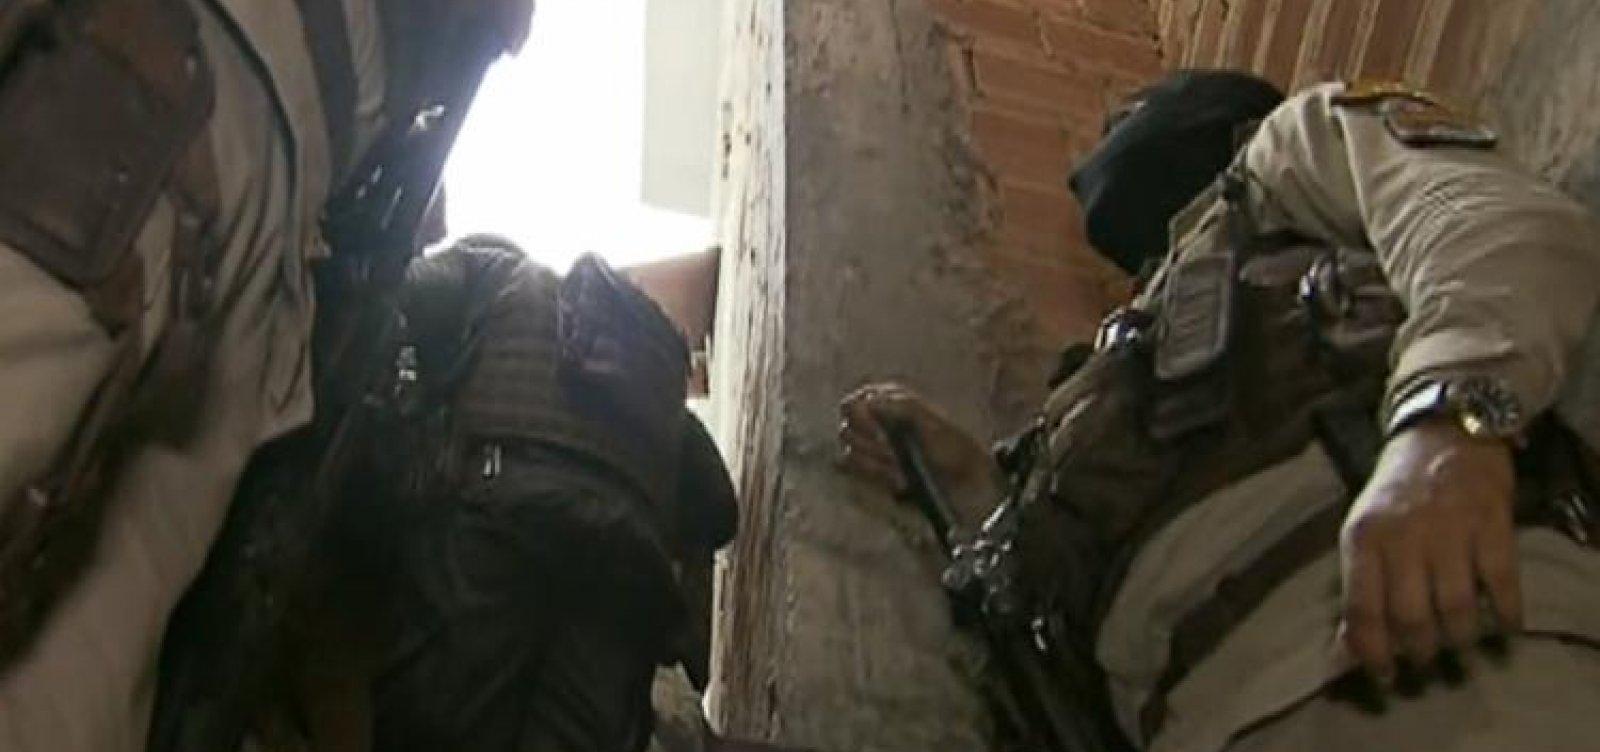 Idosa feita refém por criminosos em Brotas é liberada após ação da polícia